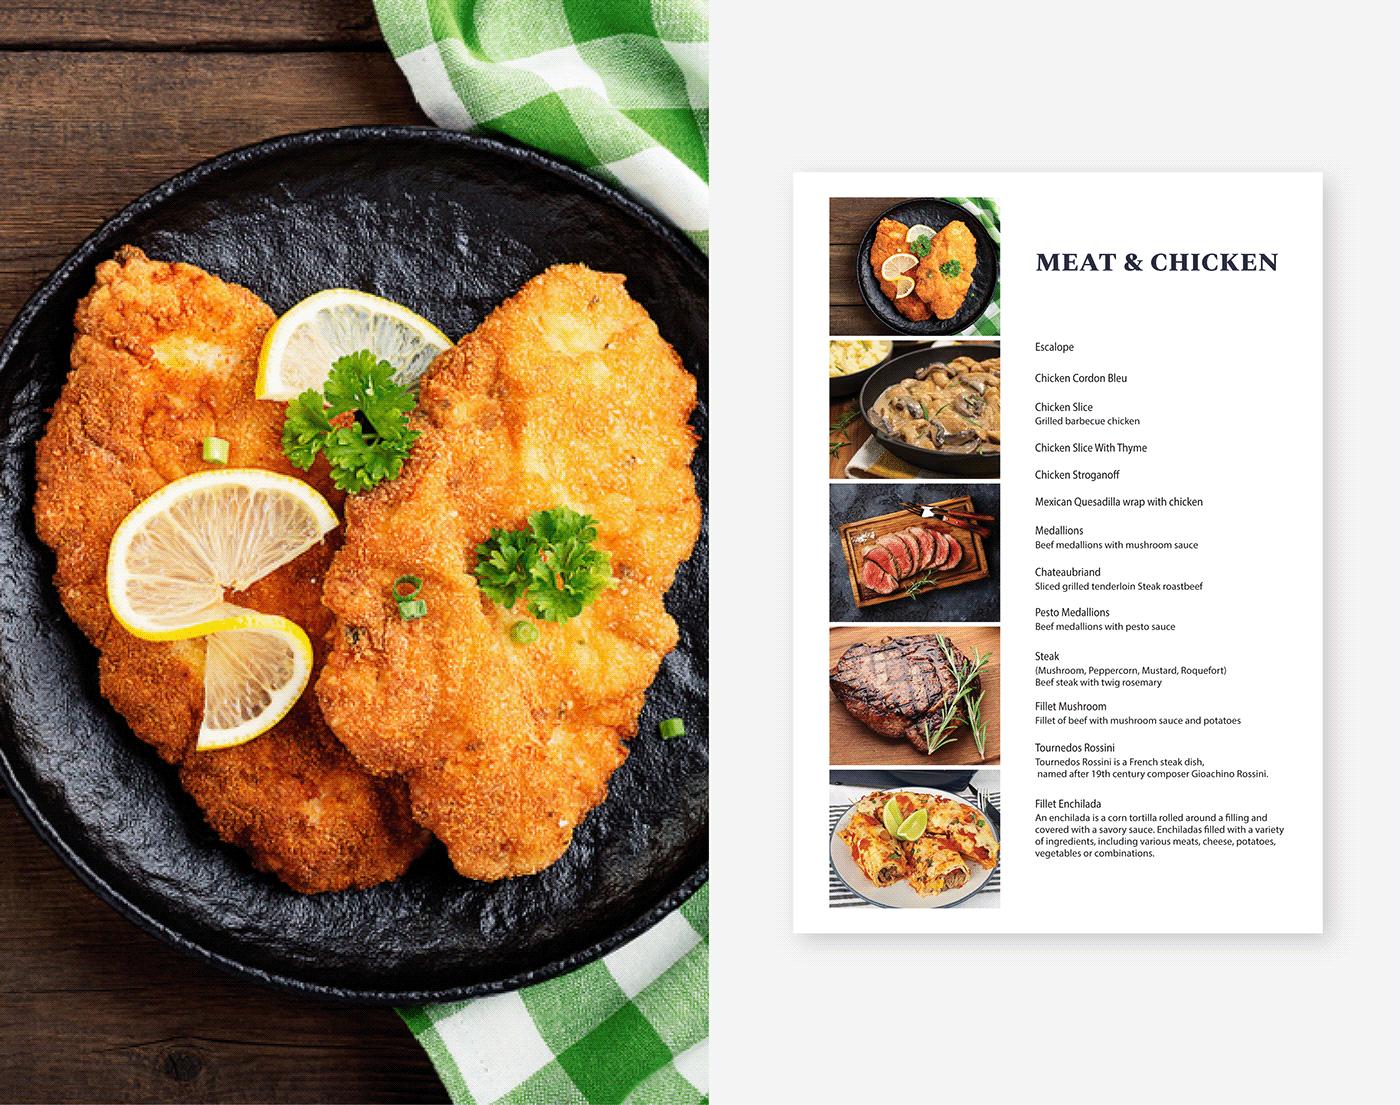 Meat & Chicken